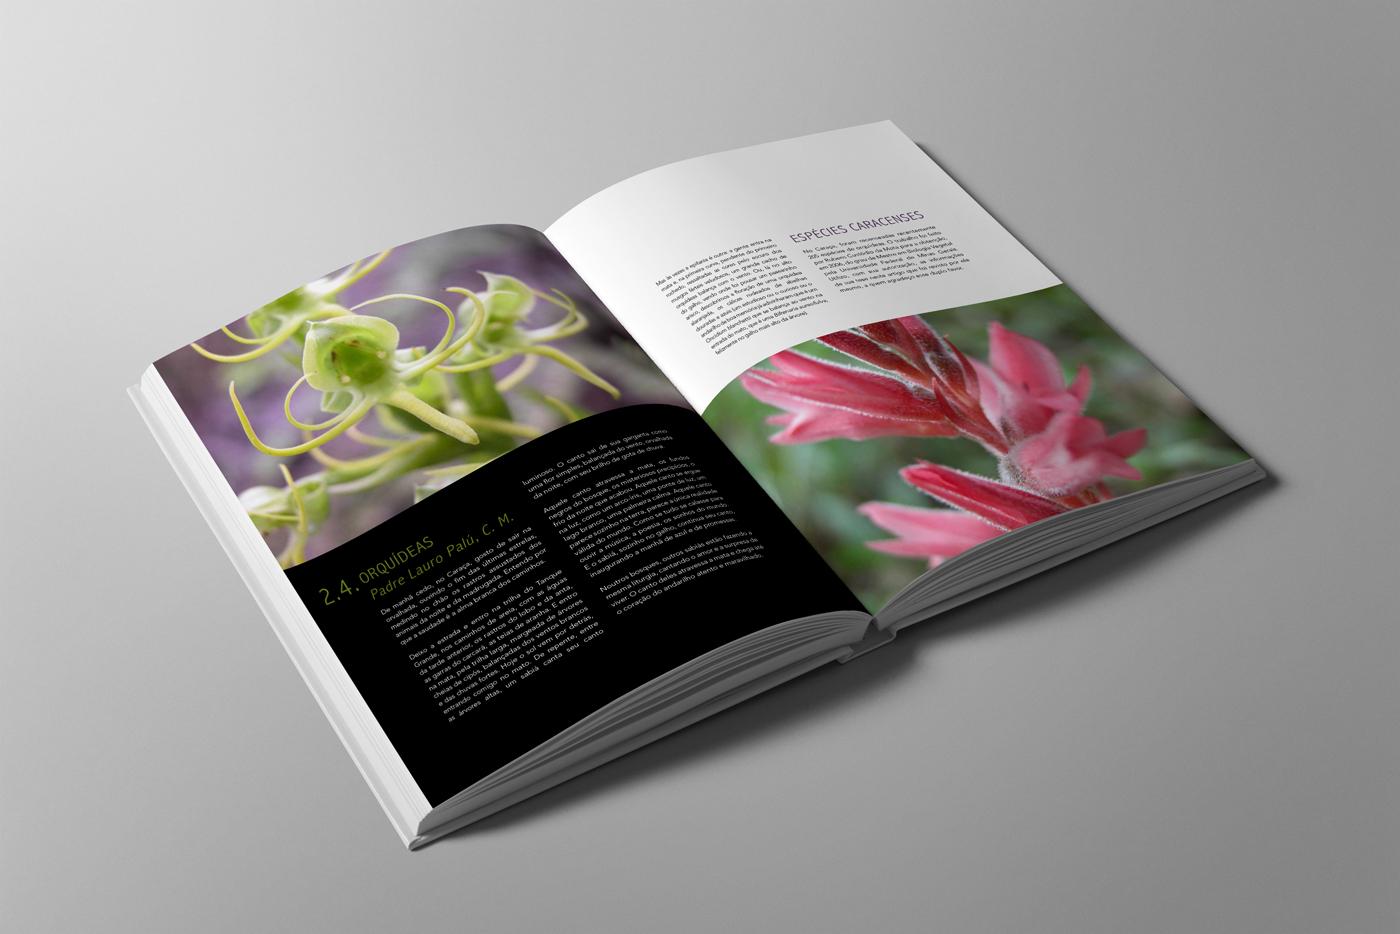 Livro-SerradoCaraca02.jpg